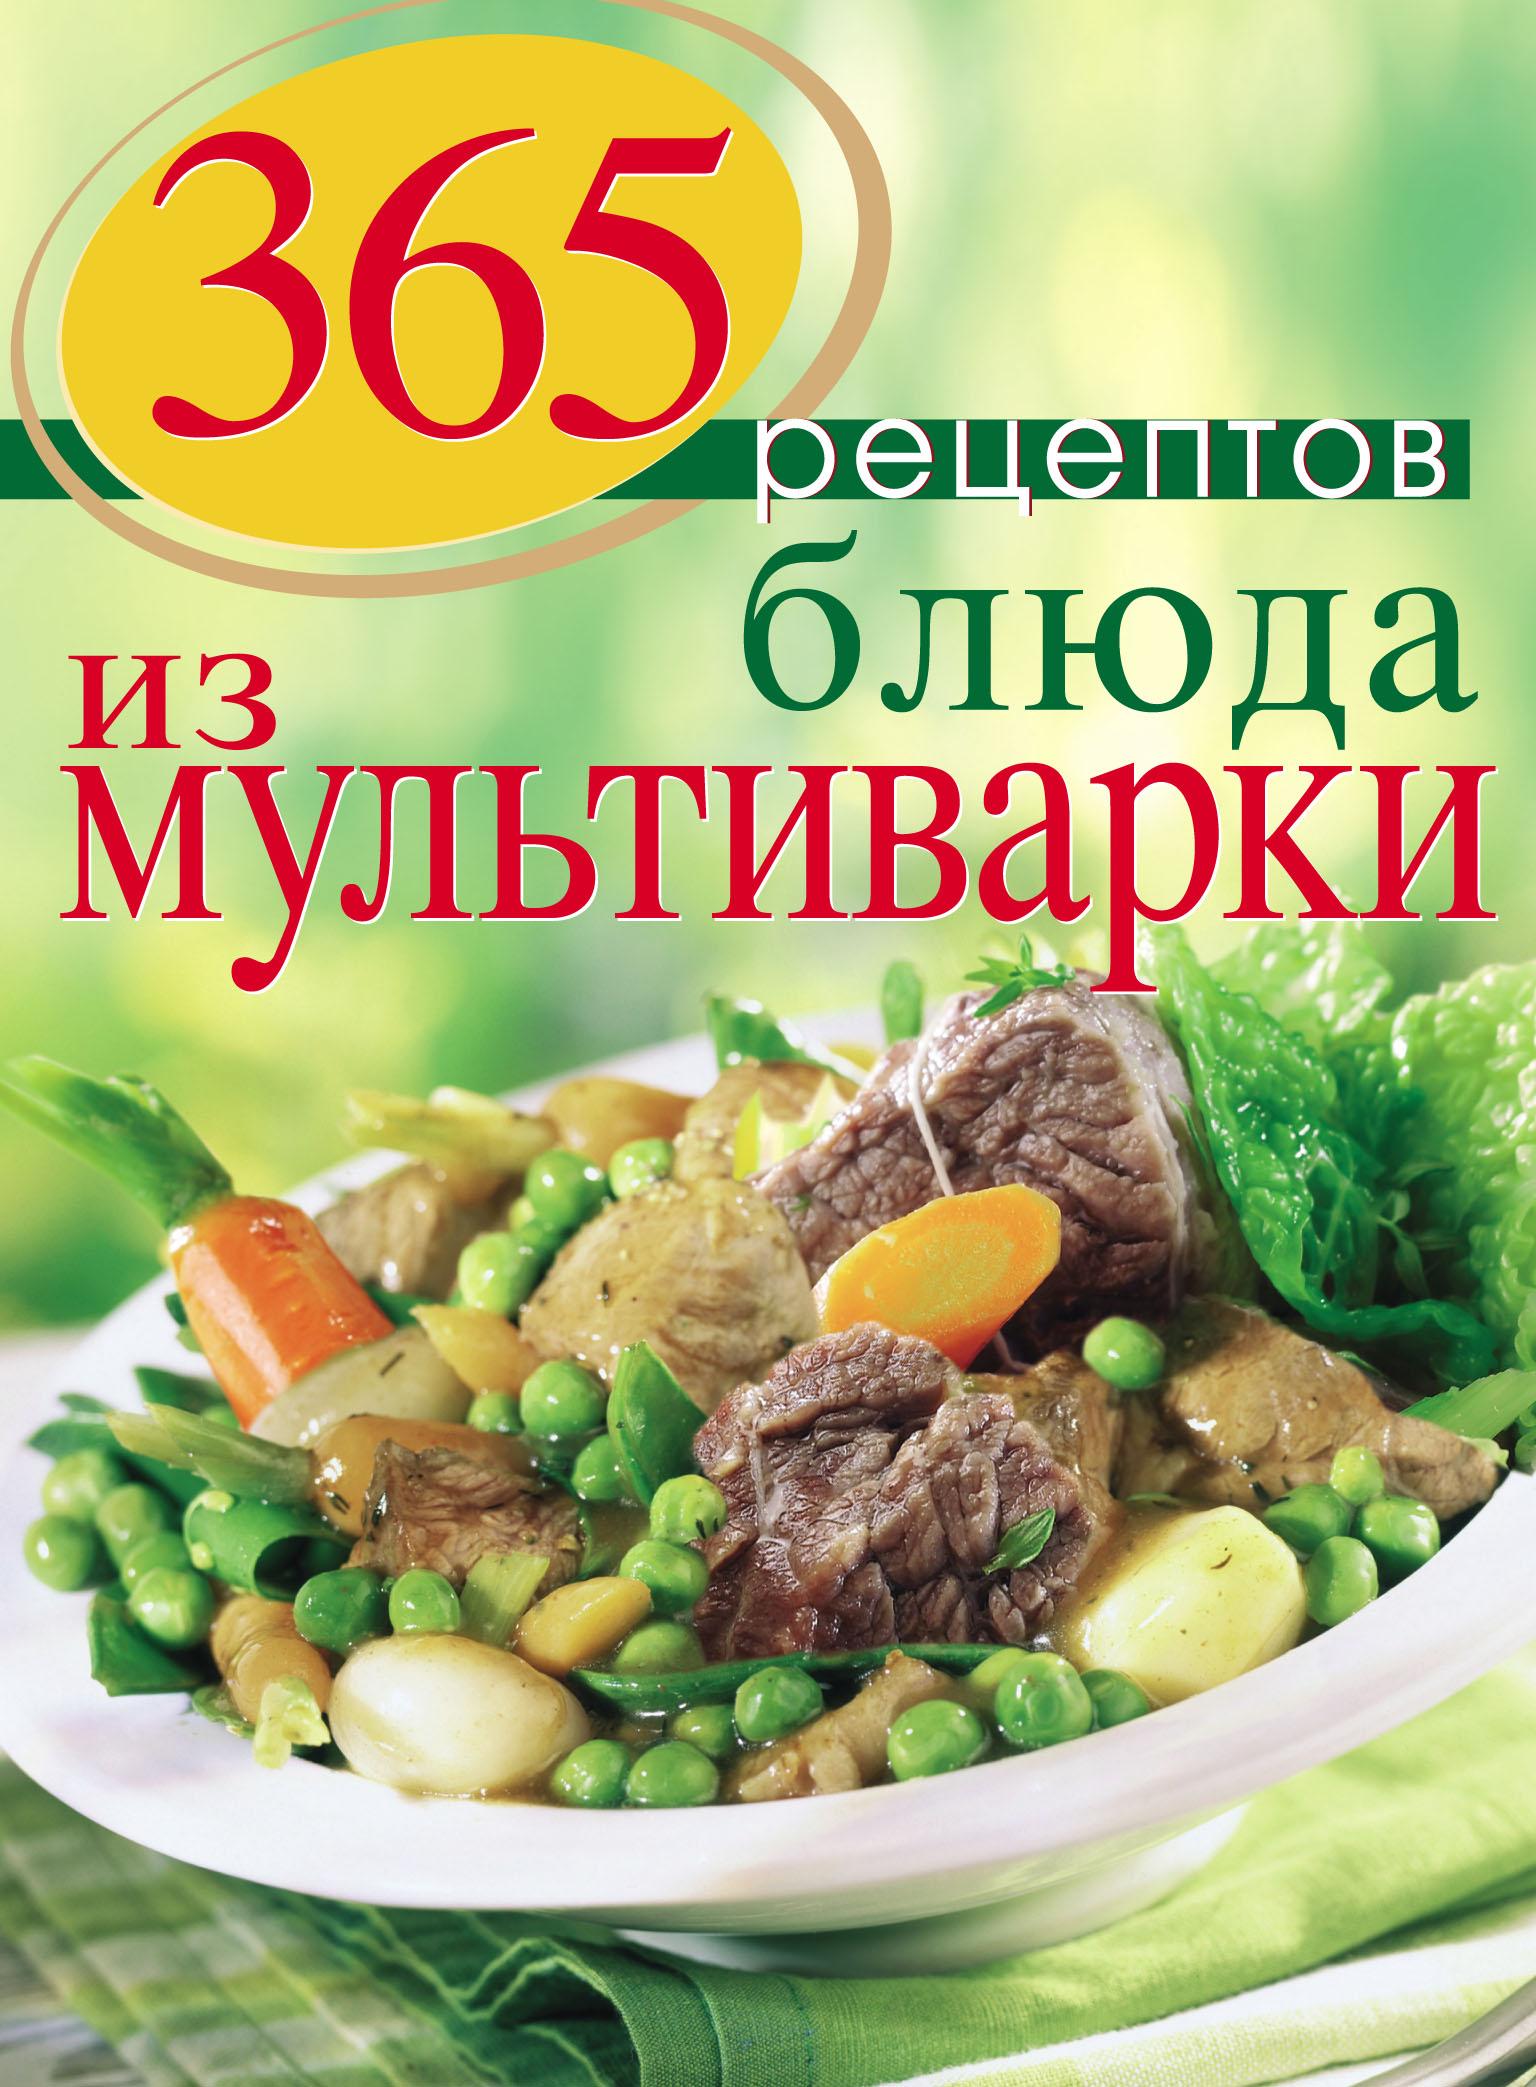 Отсутствует Блюда из мультиварки орлова е блюда из мультиварки